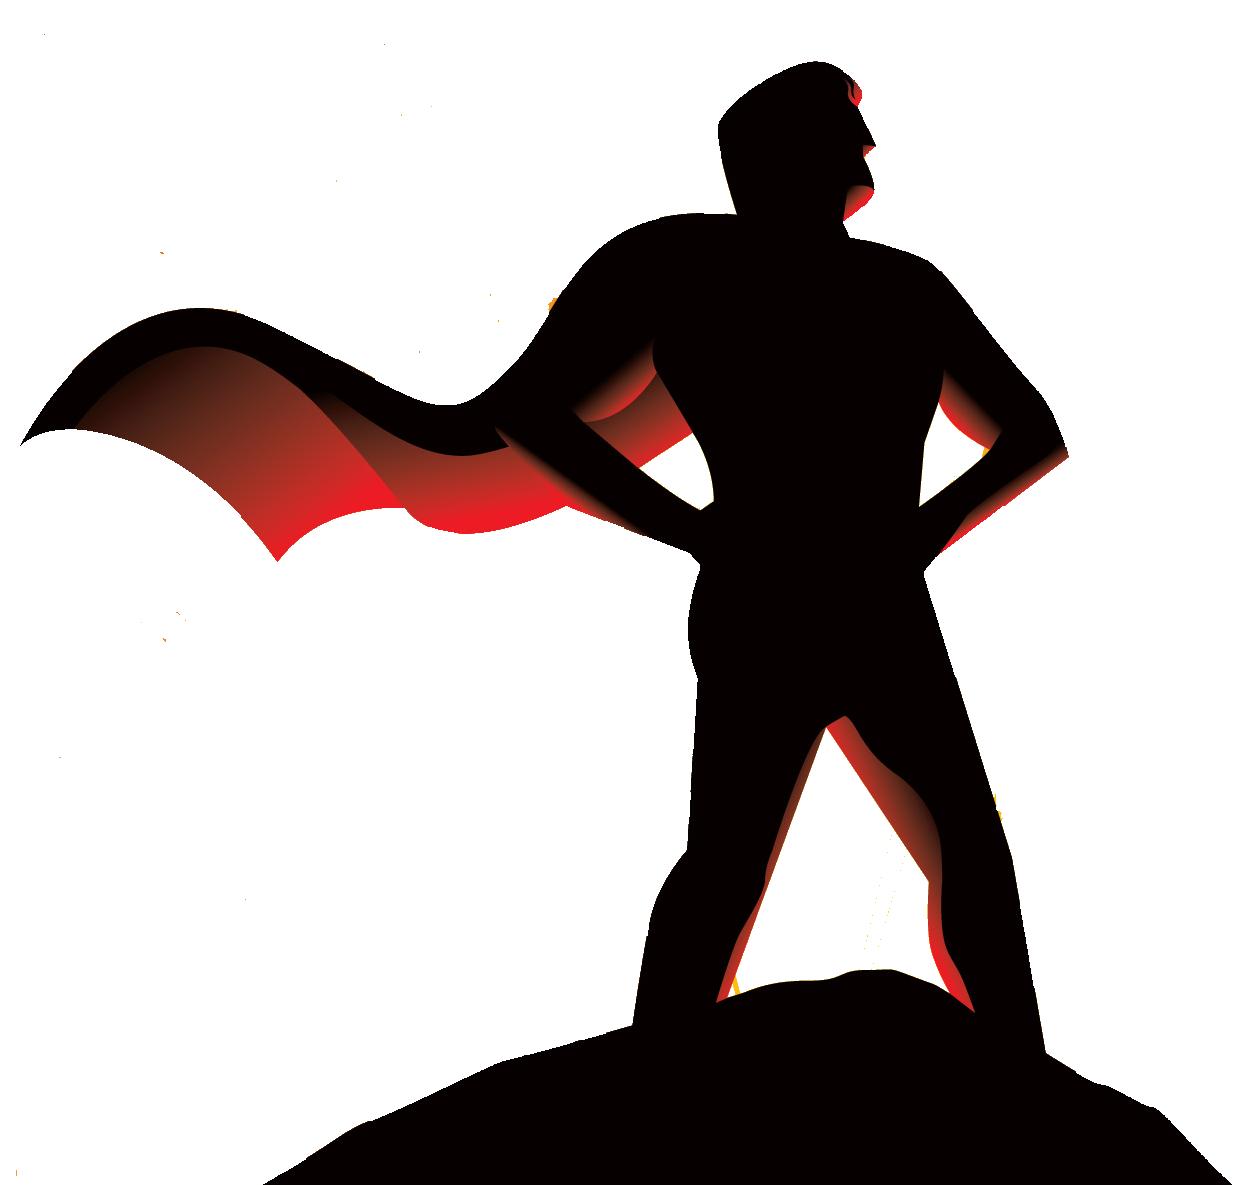 PNG Hero - 48600